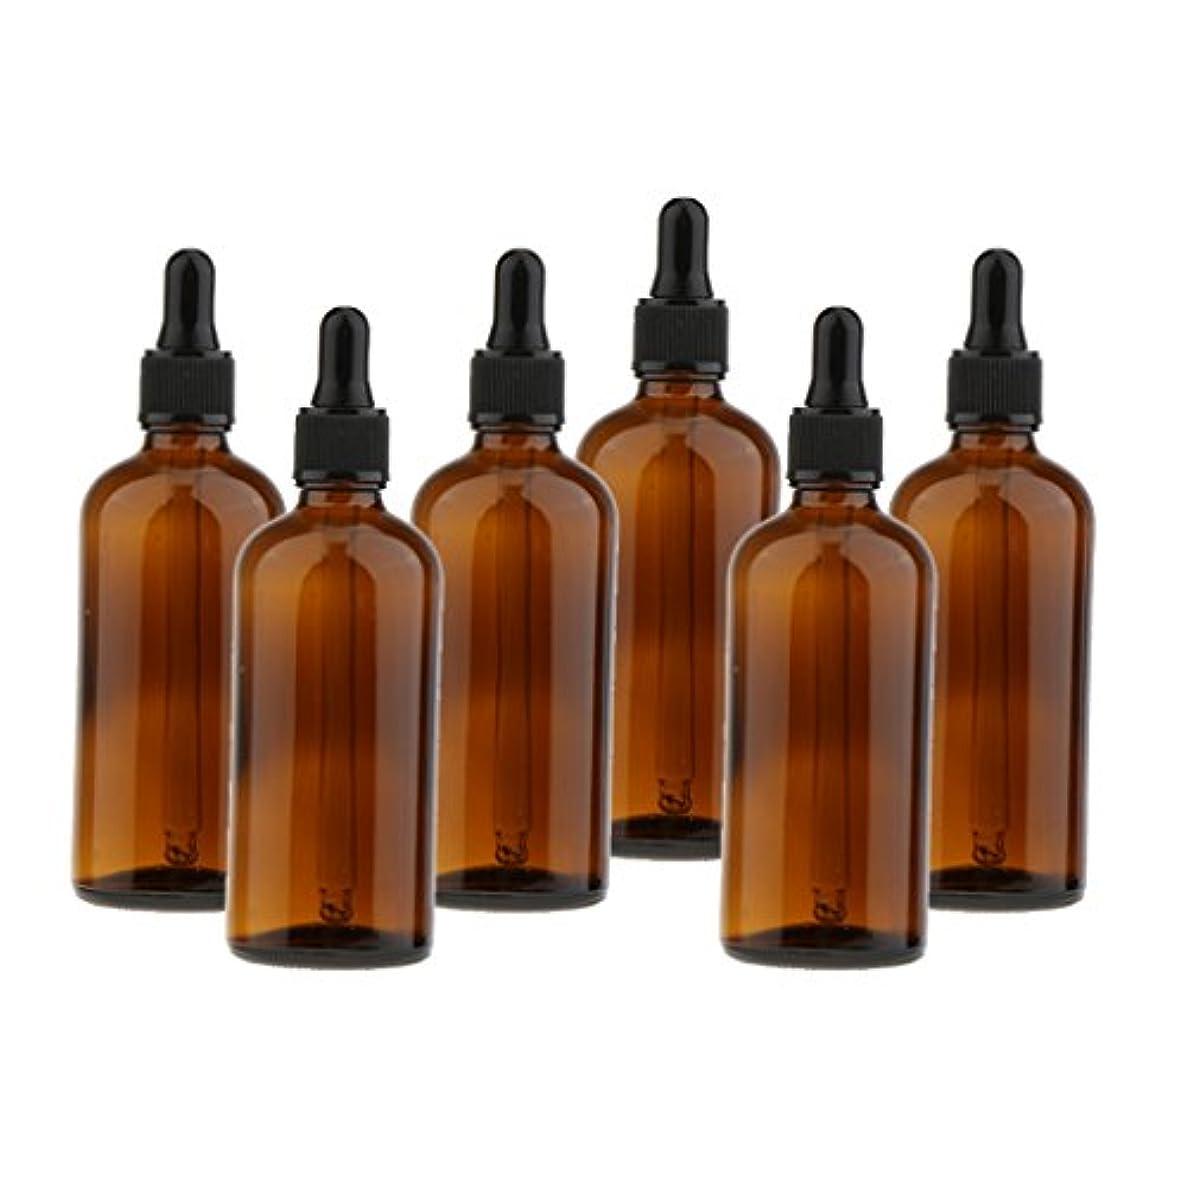 期待して近代化する調査ガラスボトル スクイズボトル ドロッパーボトル 遮光ピン 詰替え容器 精油 香水 サンプルボトル 6個セット - 100ml